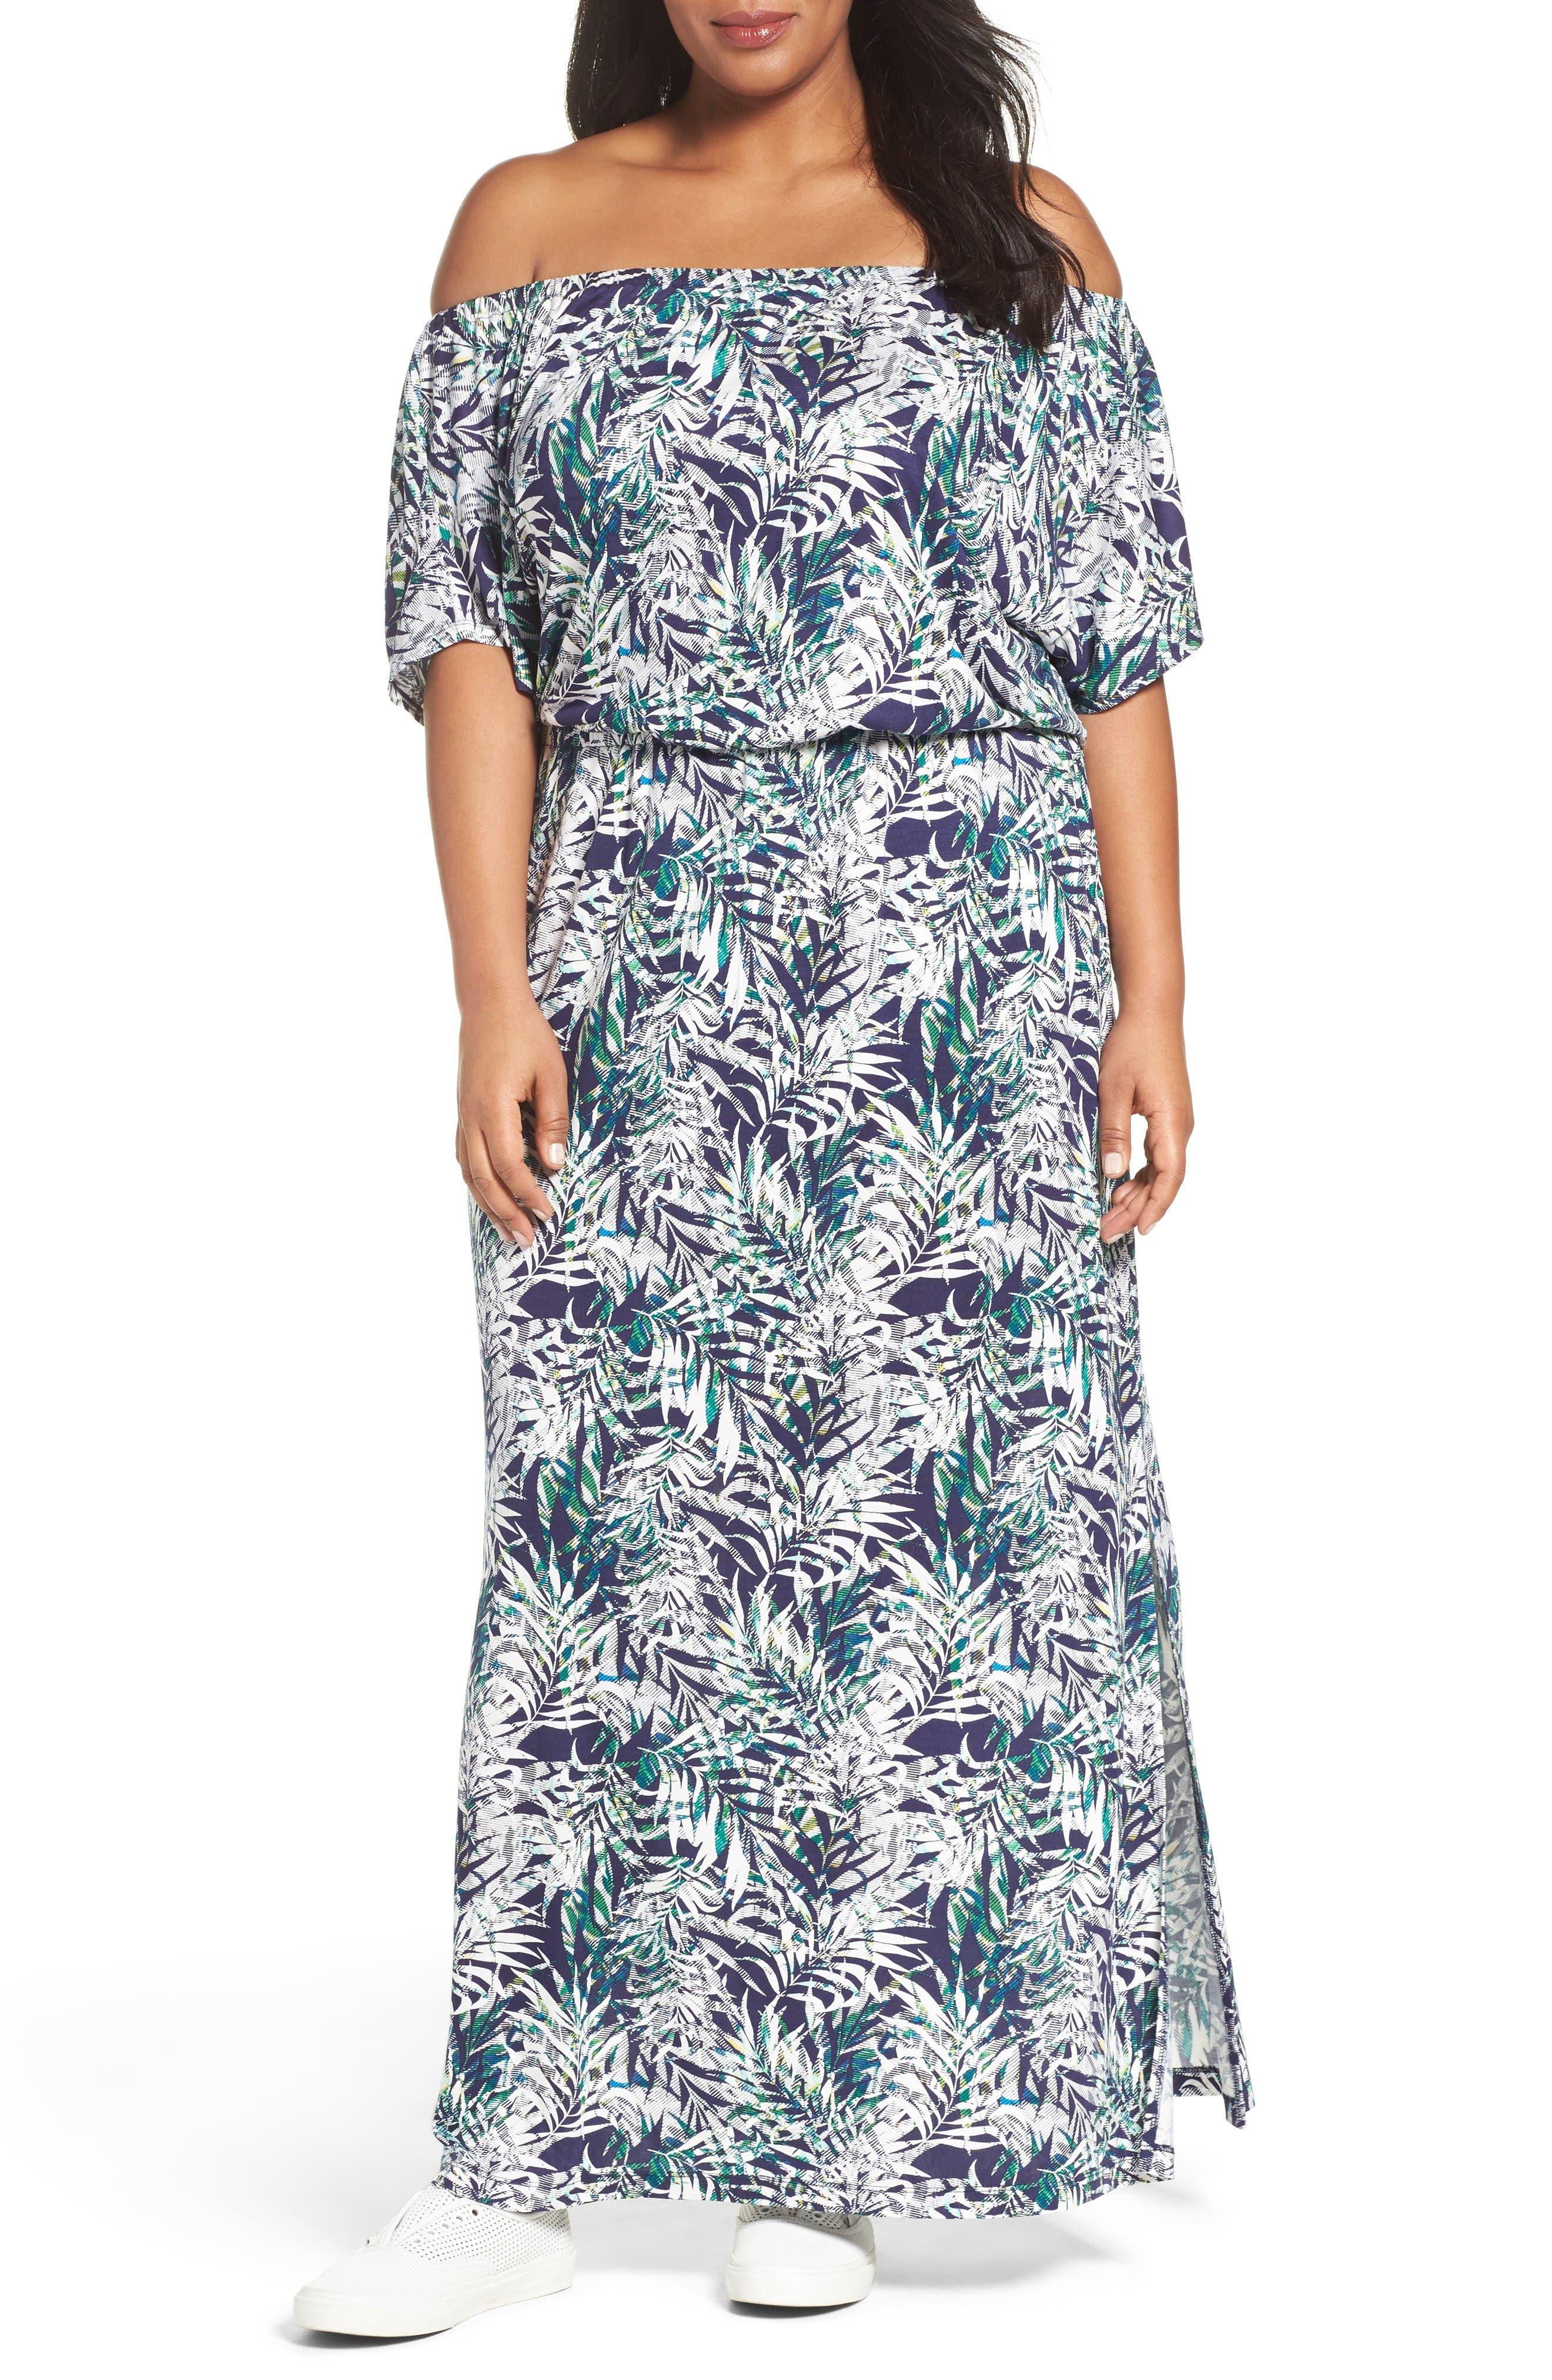 Sejour Off the Shoulder Maxi Dress (Plus Size)